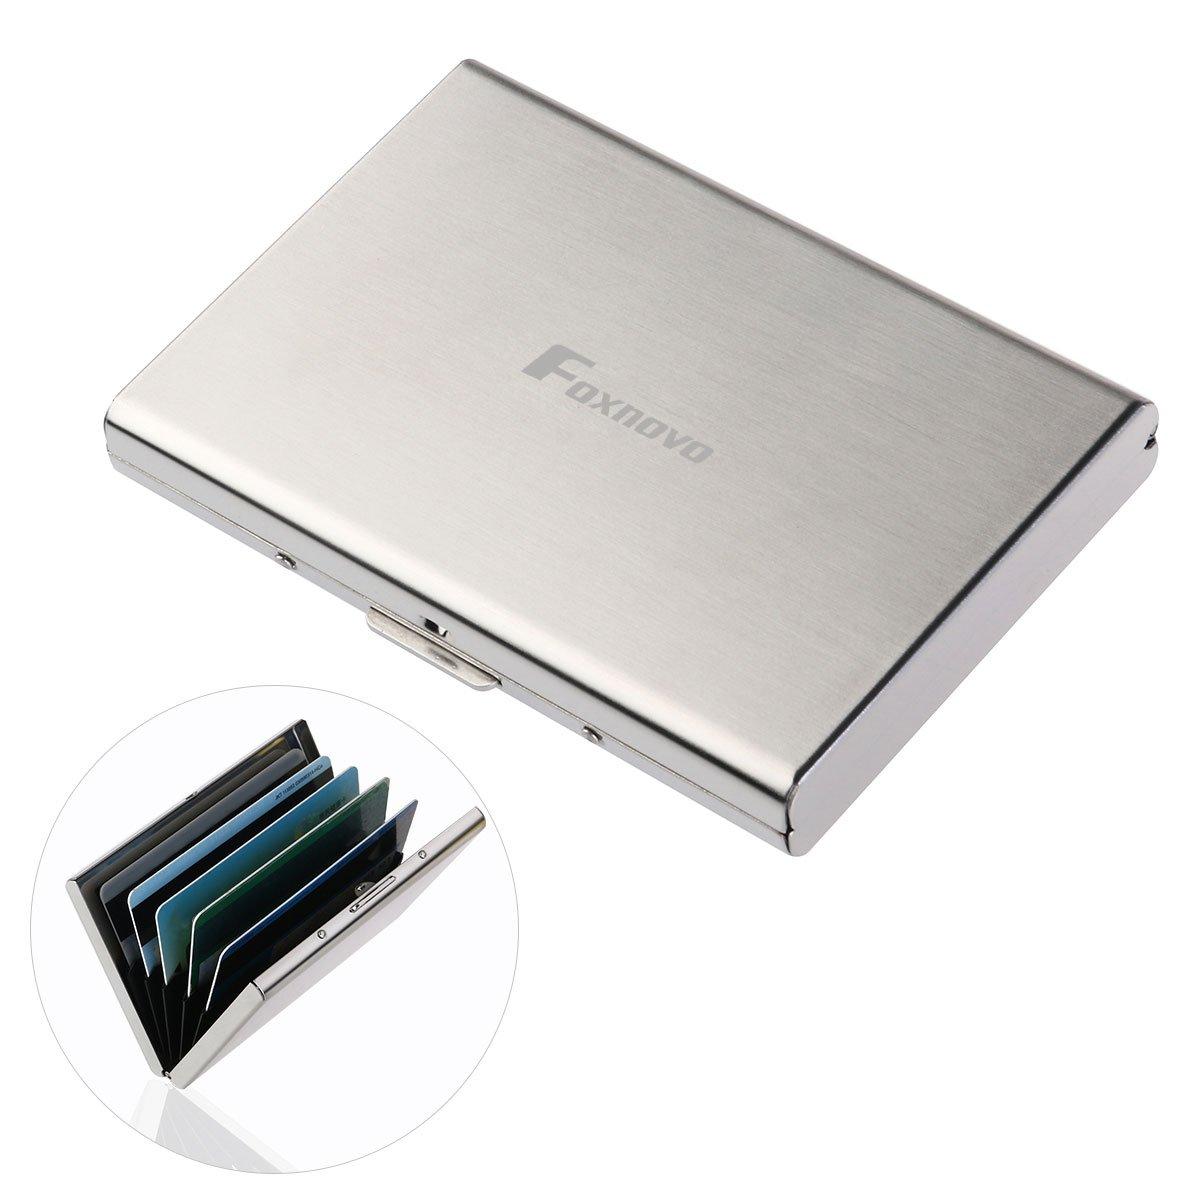 Custodia per carte di credito FOXNOVO, RFID custodia per carte di credito ultra sottile, protezione RFID per portamonete, 6 scomparti in acciaio inox